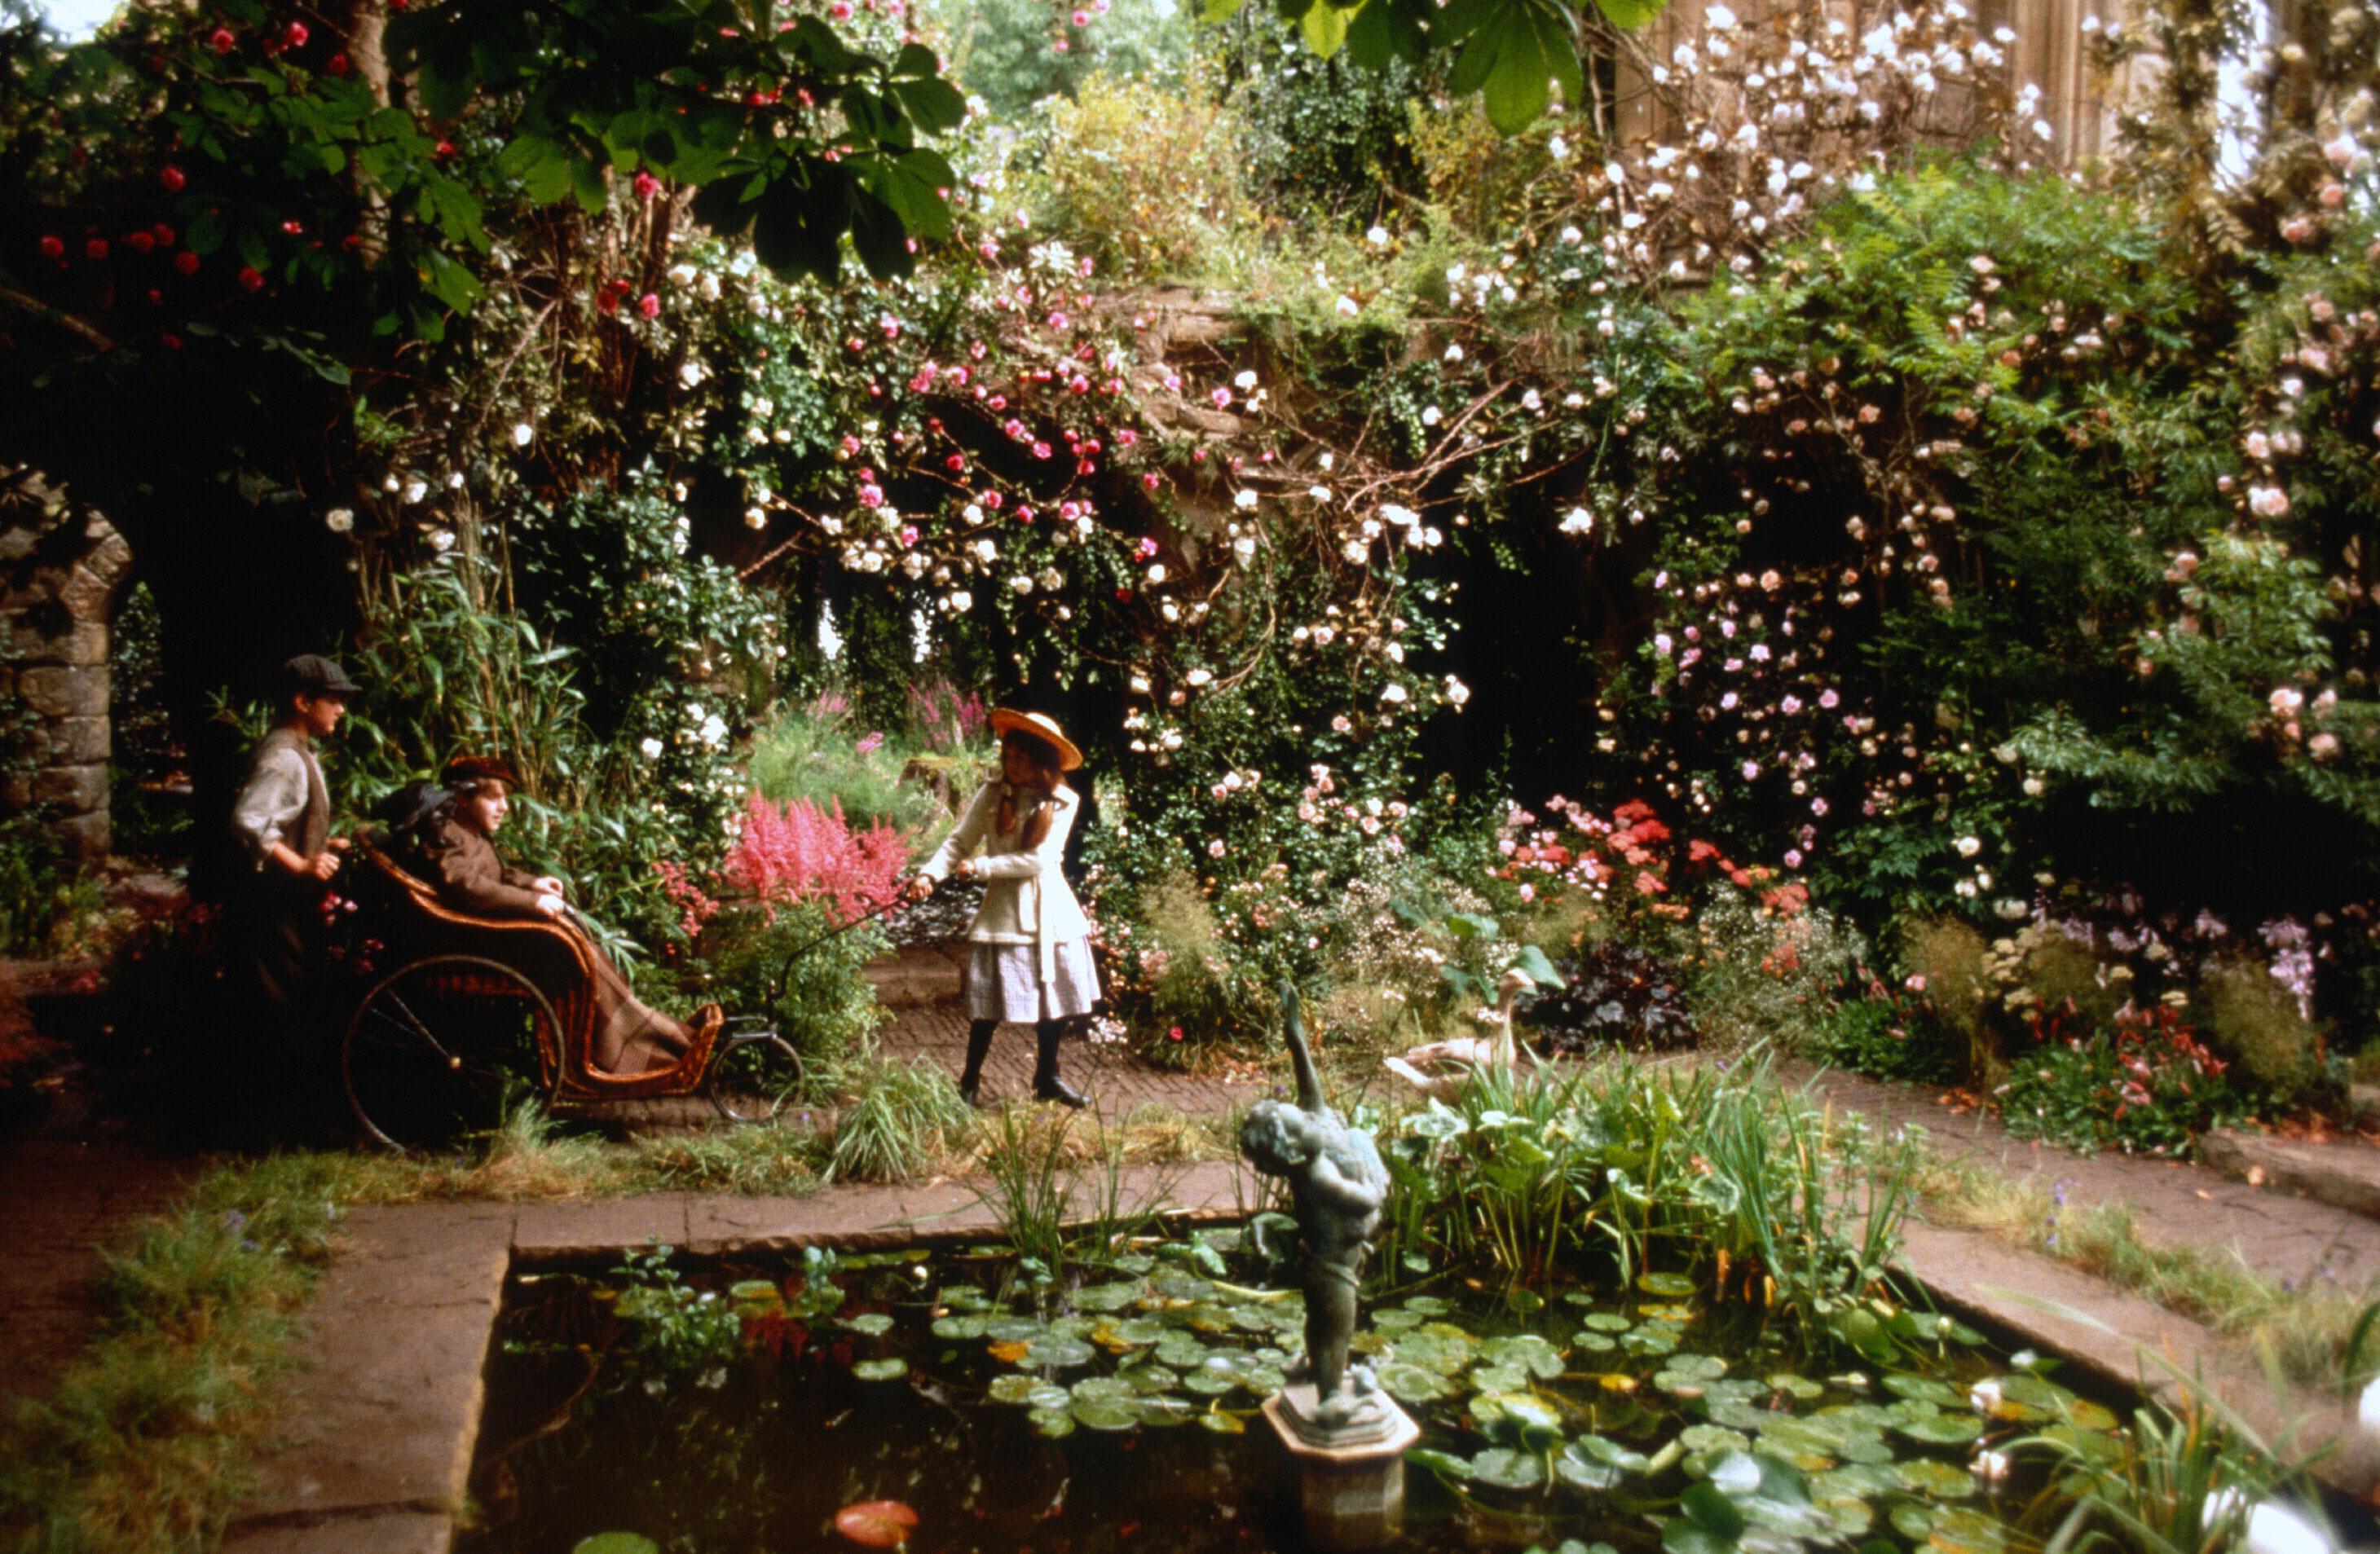 Secret Garden: The Secret Garden (1993)